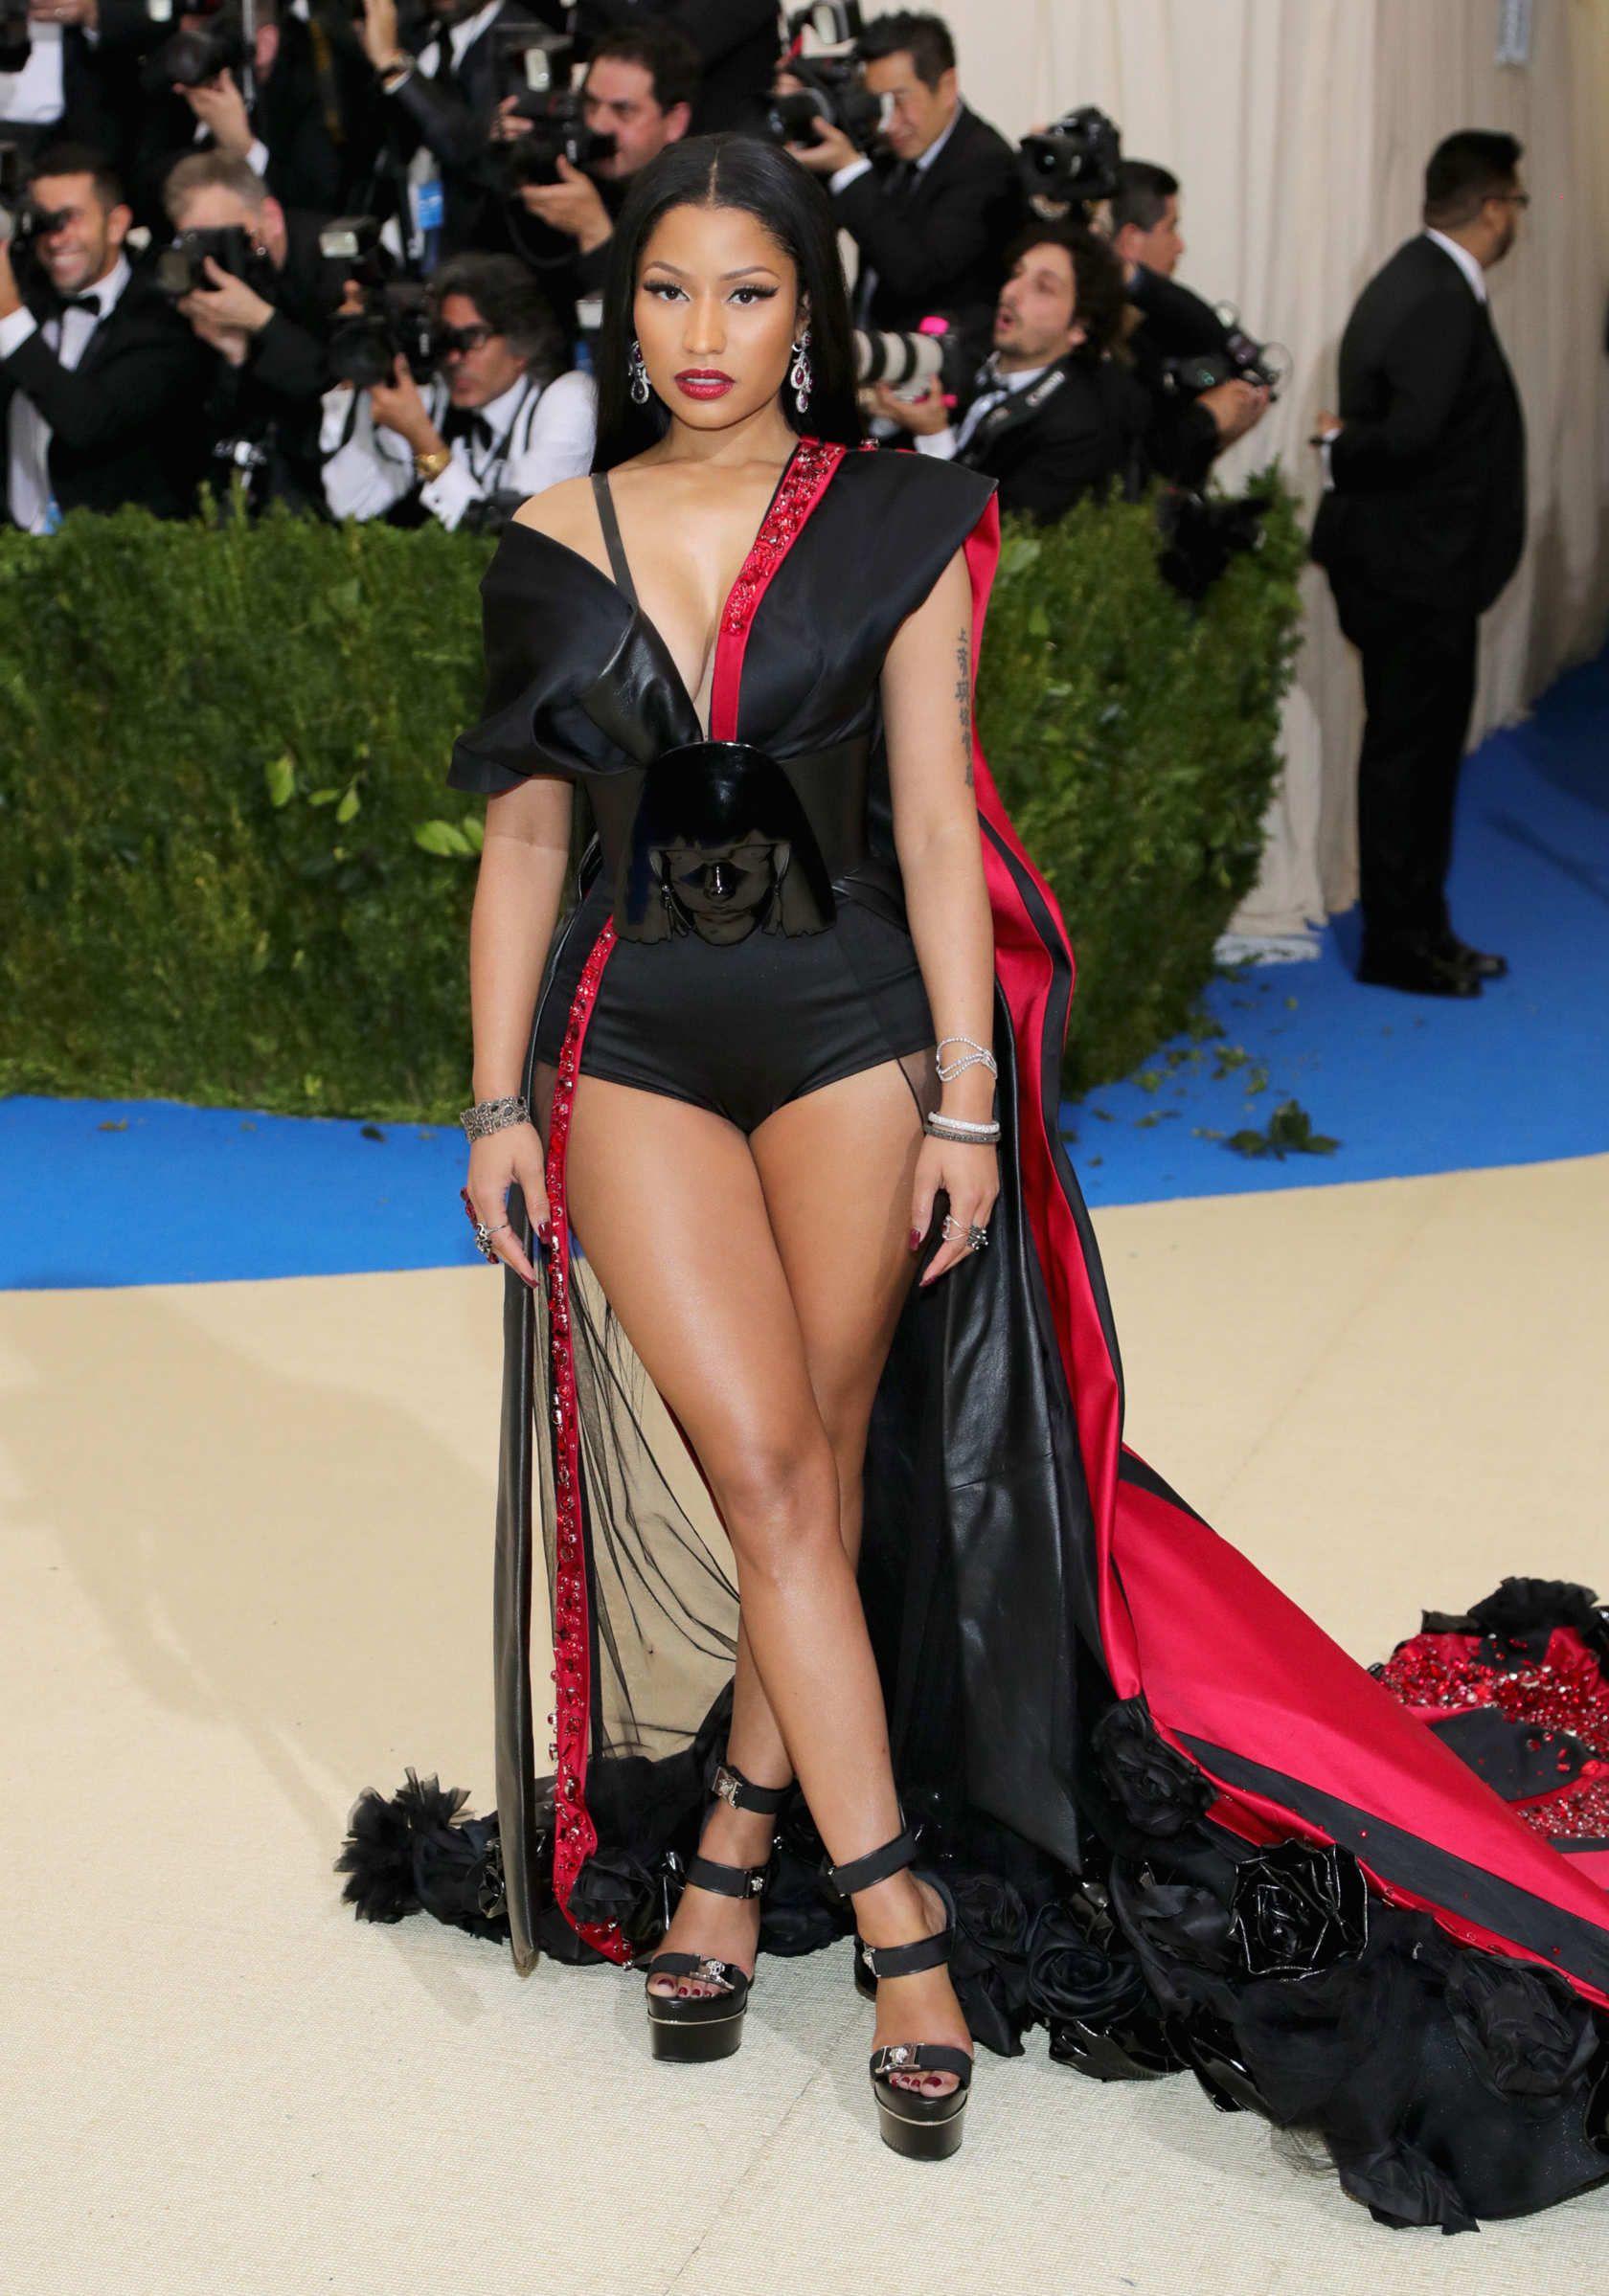 Nicki Minaj | Nicki minaj, Met gala and Red carpet